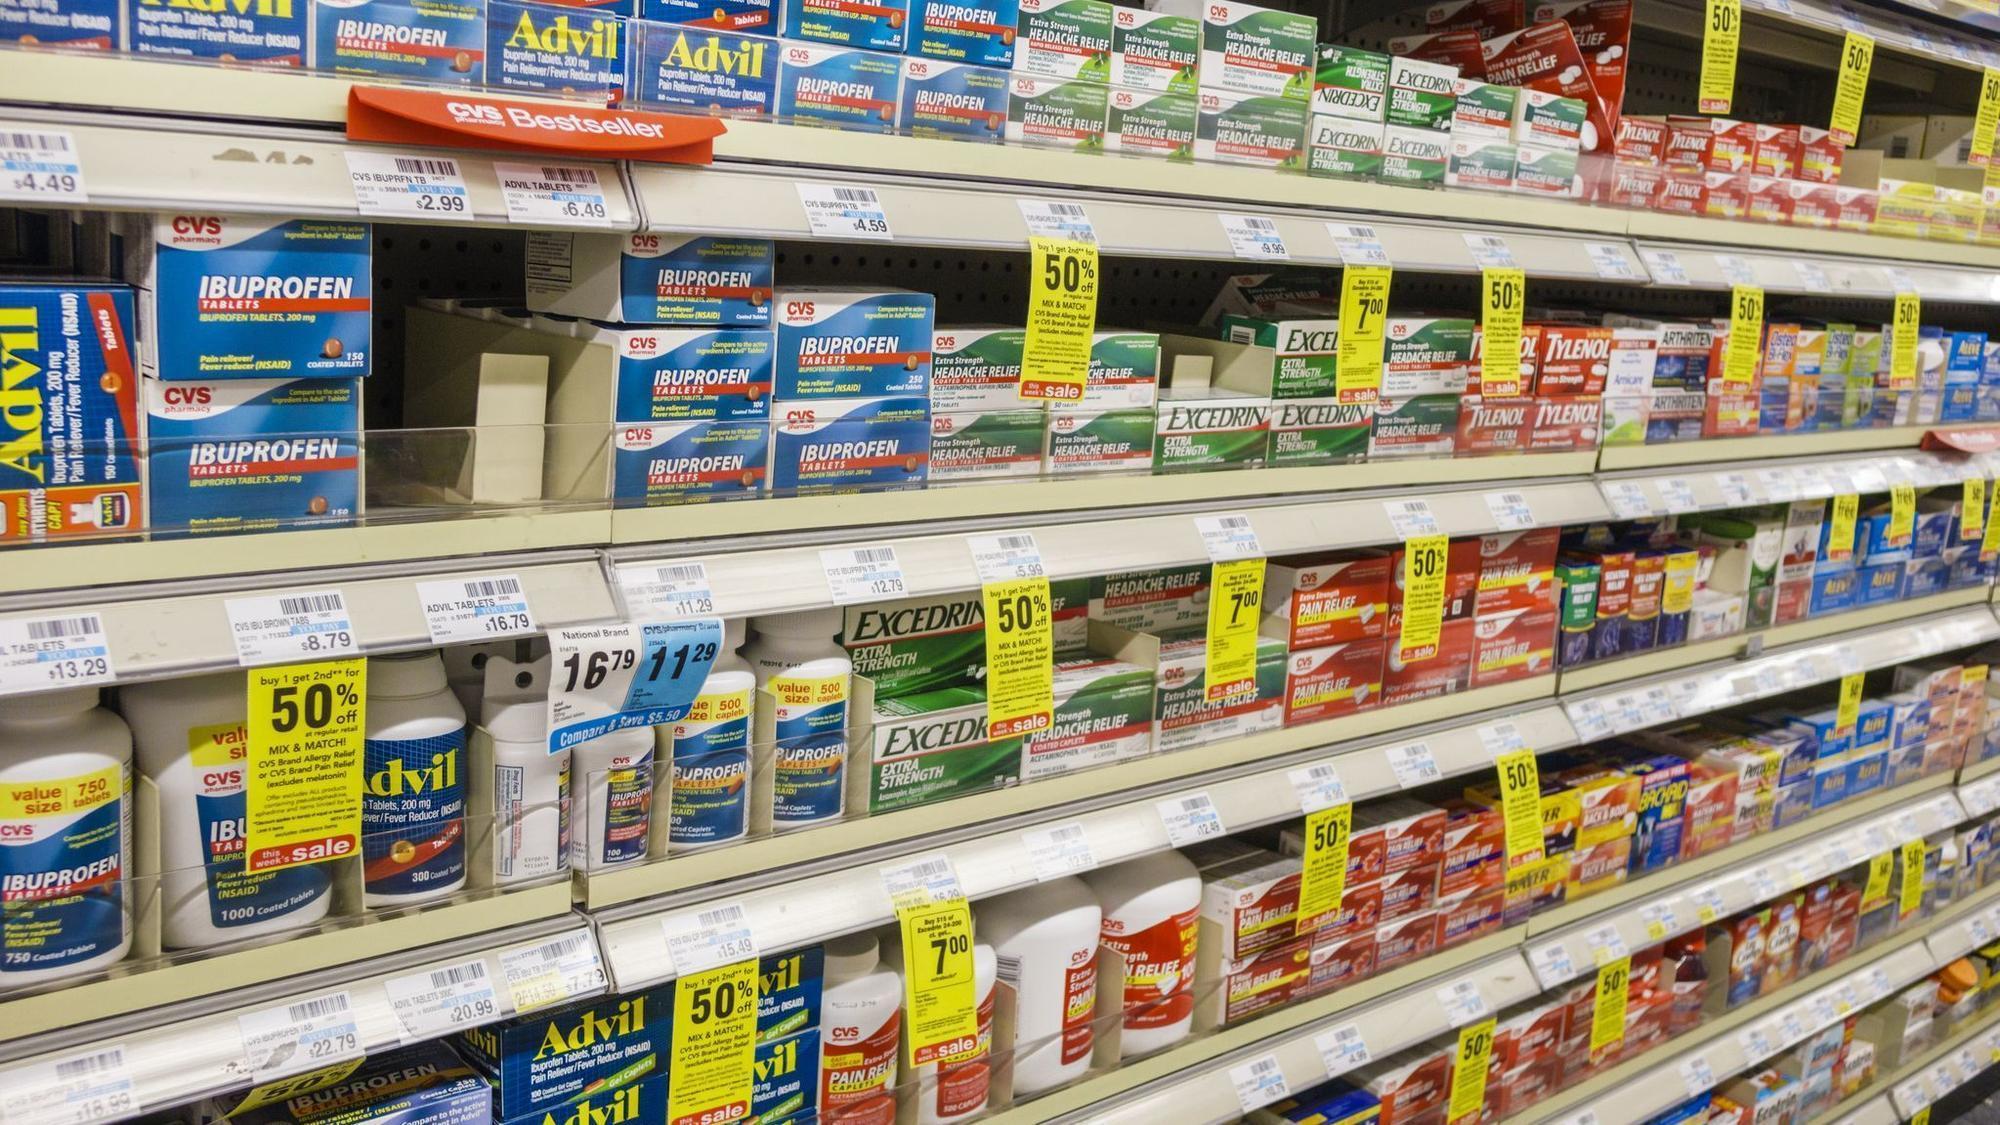 Retiran Del Mercado El Advil Para Ninos Preocupa Sobredosis El